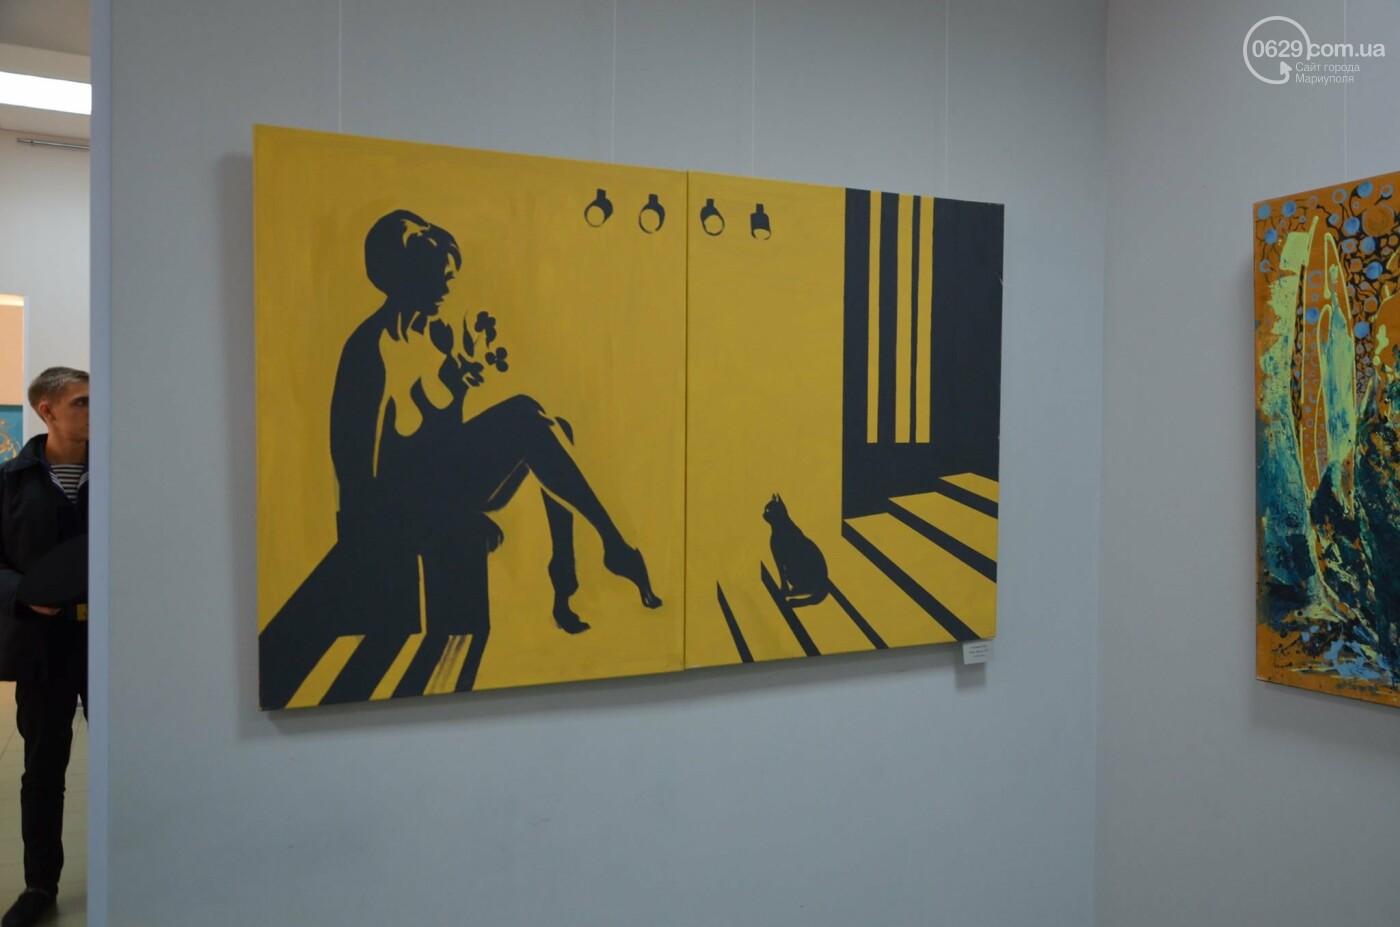 Золото на черном. Мариупольская  художница  Оксана Гнатышин  представила картины в авангардном стиле,-   ФОТО, фото-4